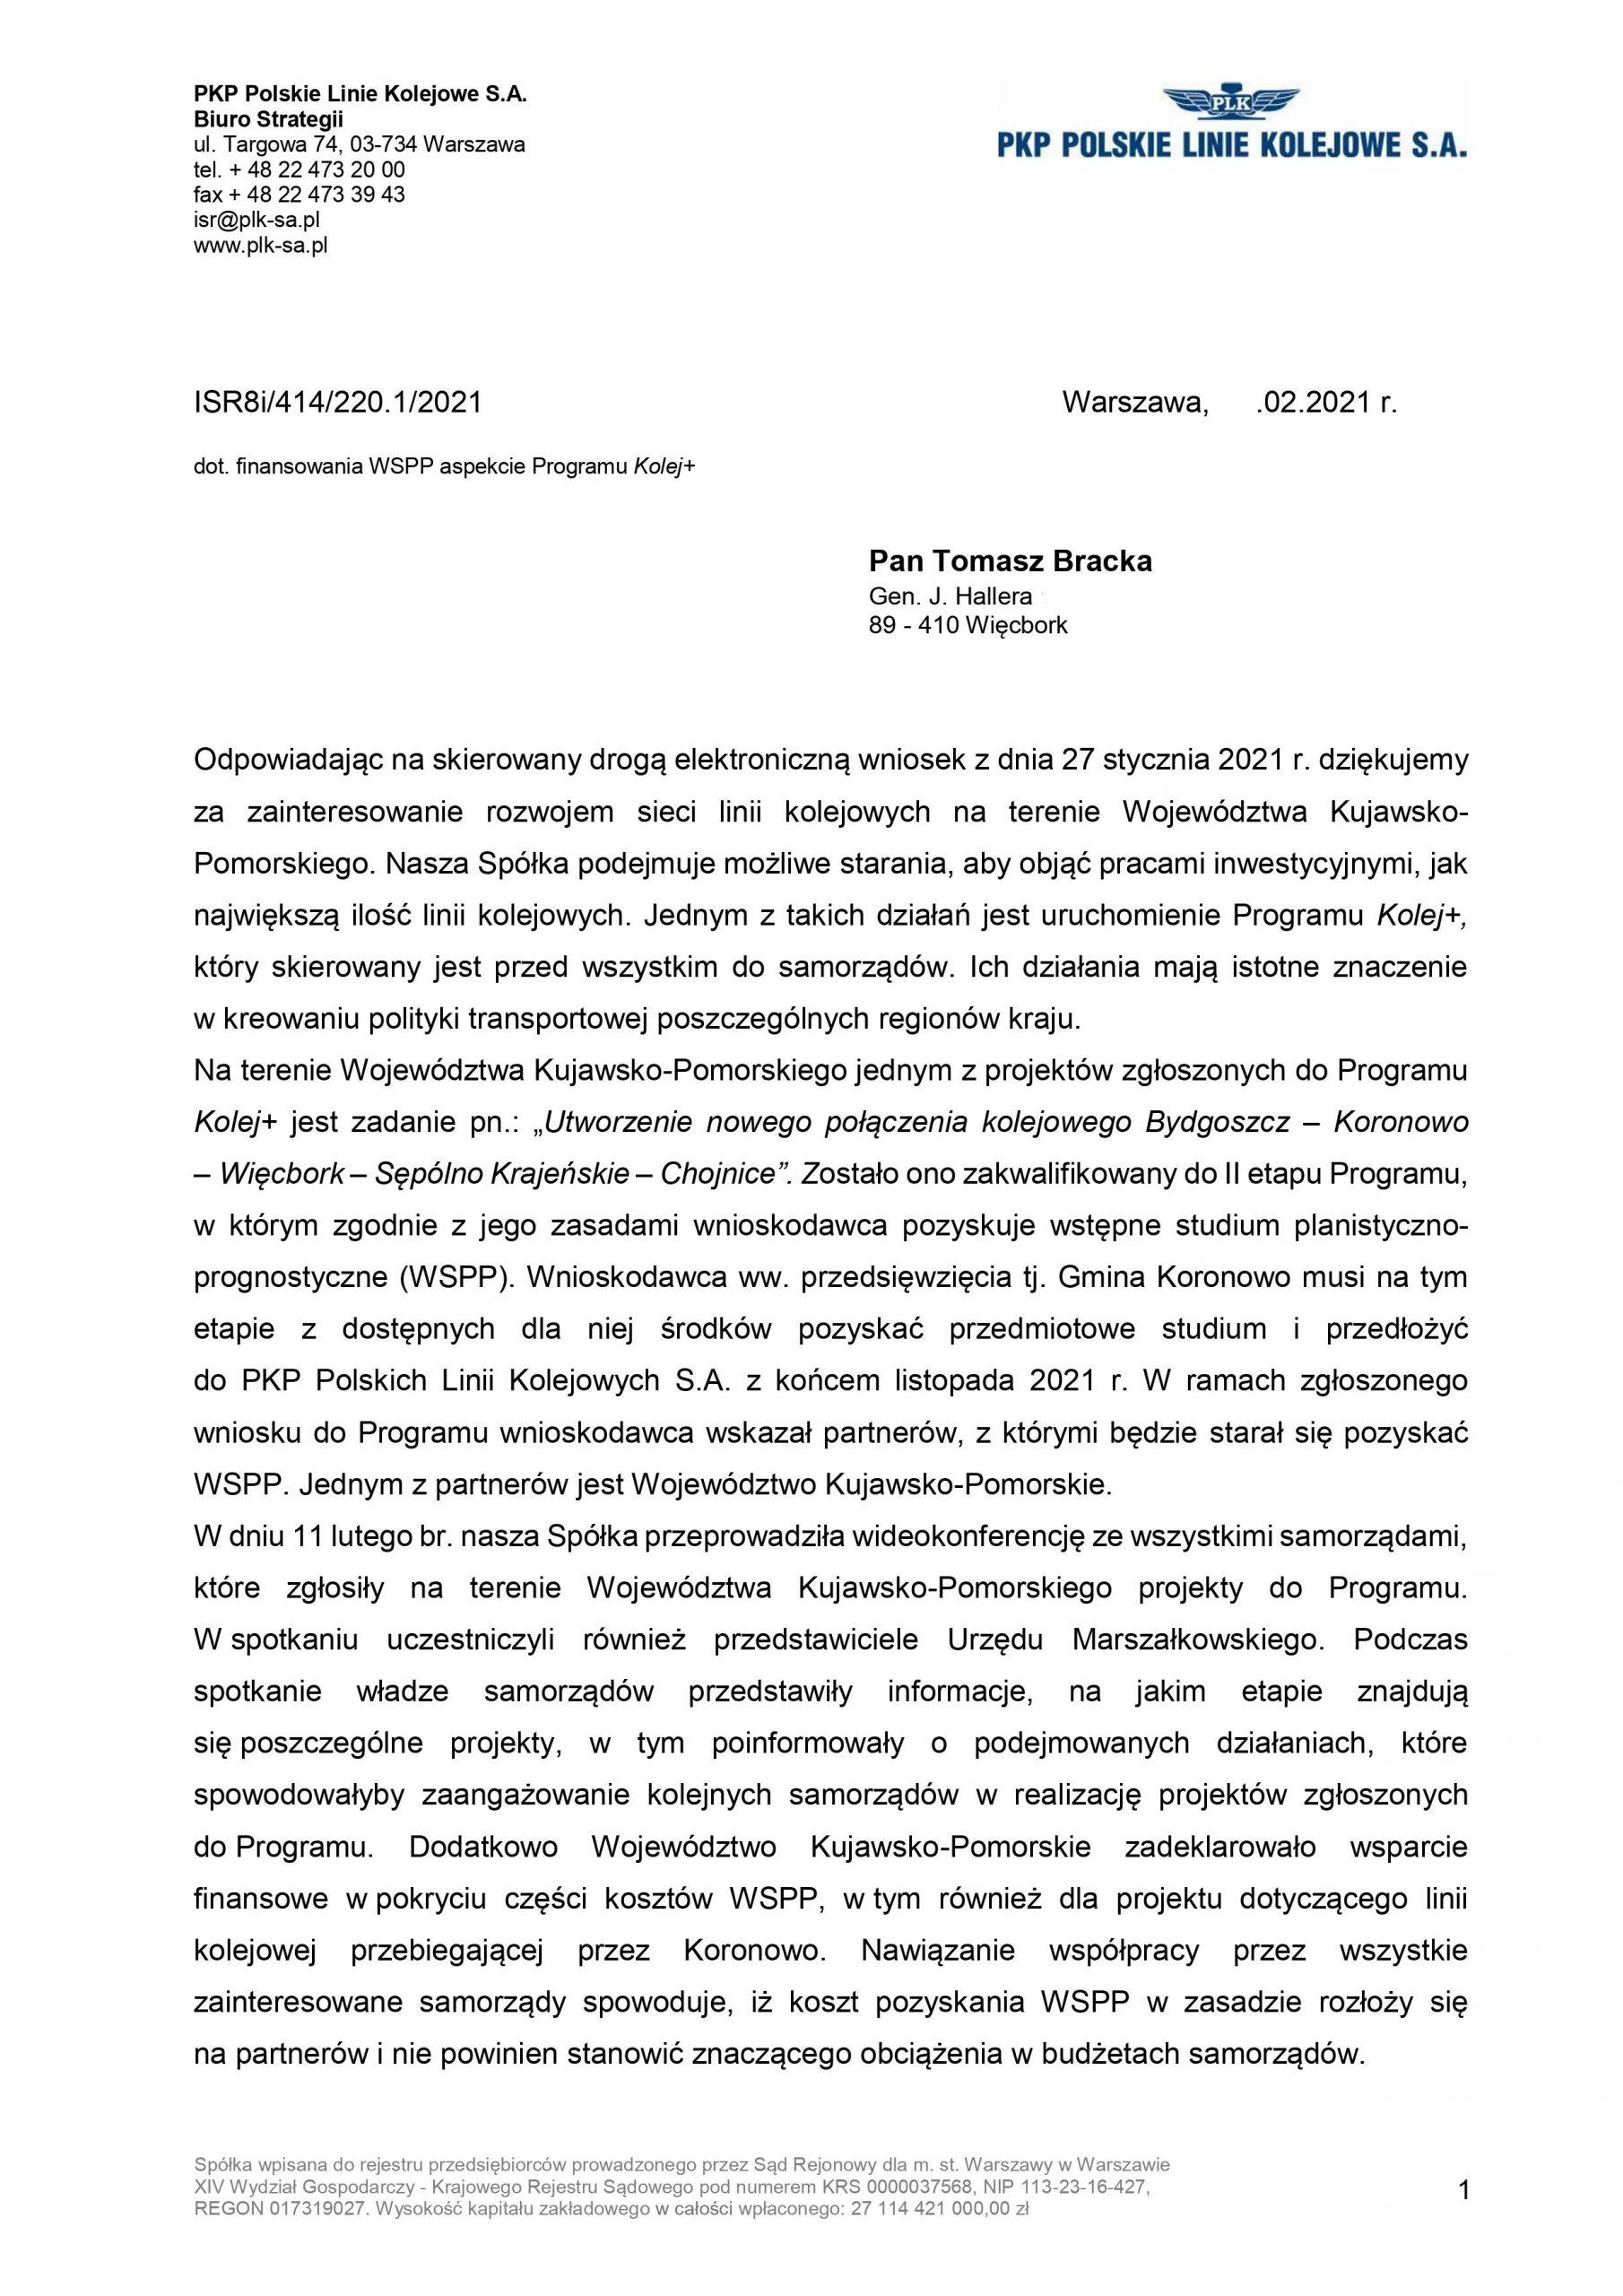 Marszałek Całbecki dofinansuje dokumentacje przedprojektową dla linii kolejowej relacji Bydgoszcz - Pęperzyn - Więcbork - Chojnice, aPKP PLK SA zwróci 85 % kosztów - Tomasz Roman Bracka